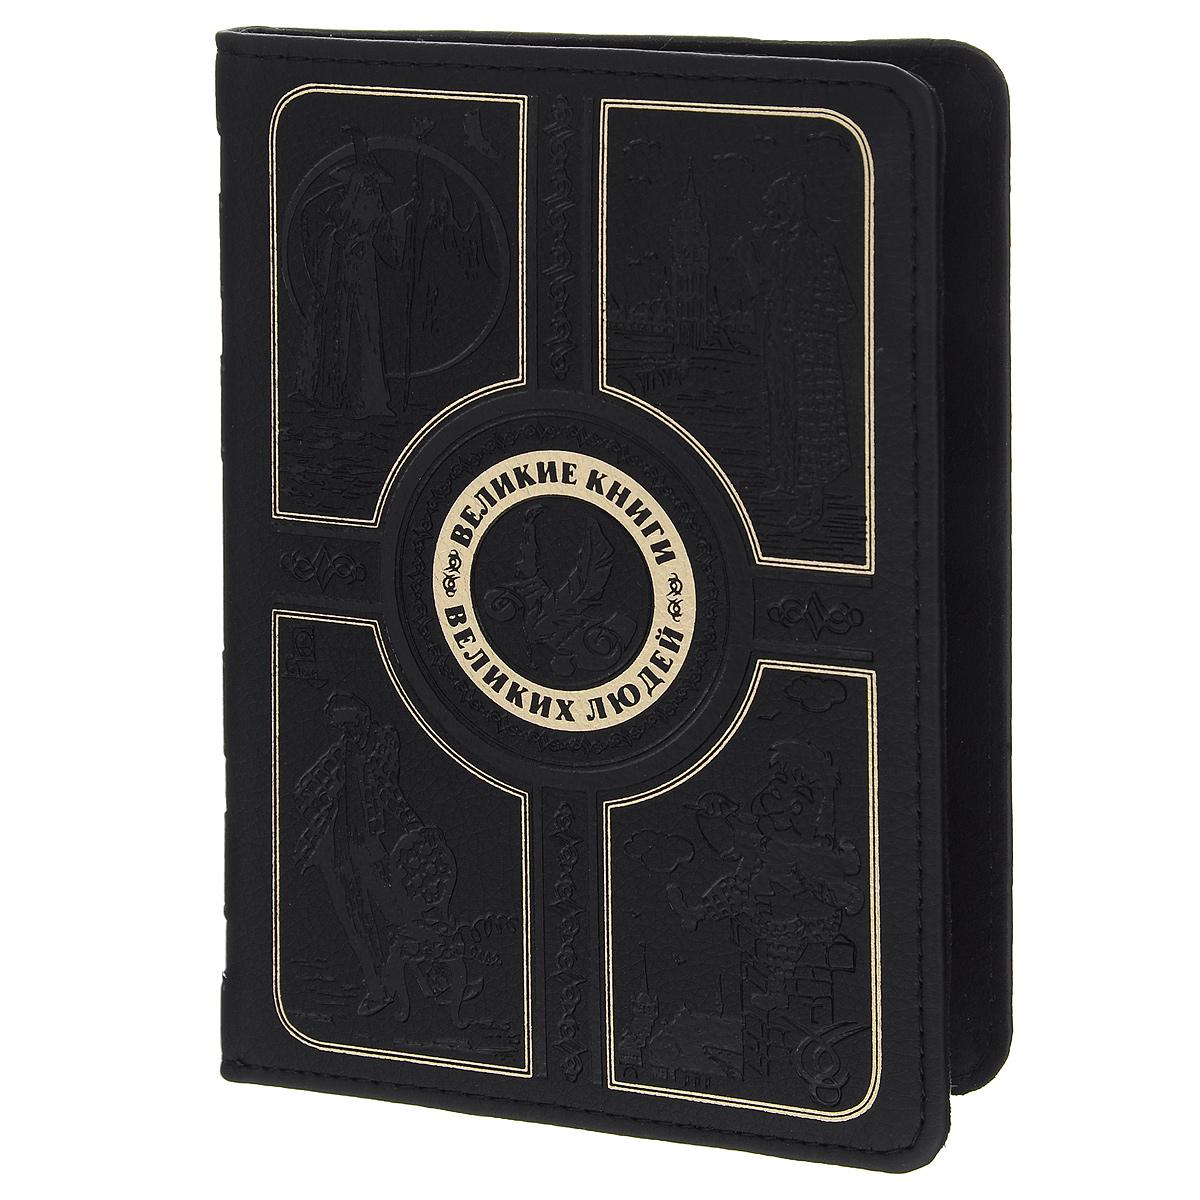 Vivacase Book, Black чехол для электронных книг 6VUC-CBK01-blVivacase Book - это тонкий чехол для планшетов и электронных книг с диагональю дисплея 6 дюймов. Он изготовлен в виде классической книжной обложки из качественной ПУ-кожи с водоотталкивающими свойствами и тиснением. Внутри чехла - мягкая, приятная на ощупь подкладка и силиконовое крепление, которое прочно удерживает электронное устройство, оставляя свободный доступ к экрану, а все кнопки и разъемы открытыми.